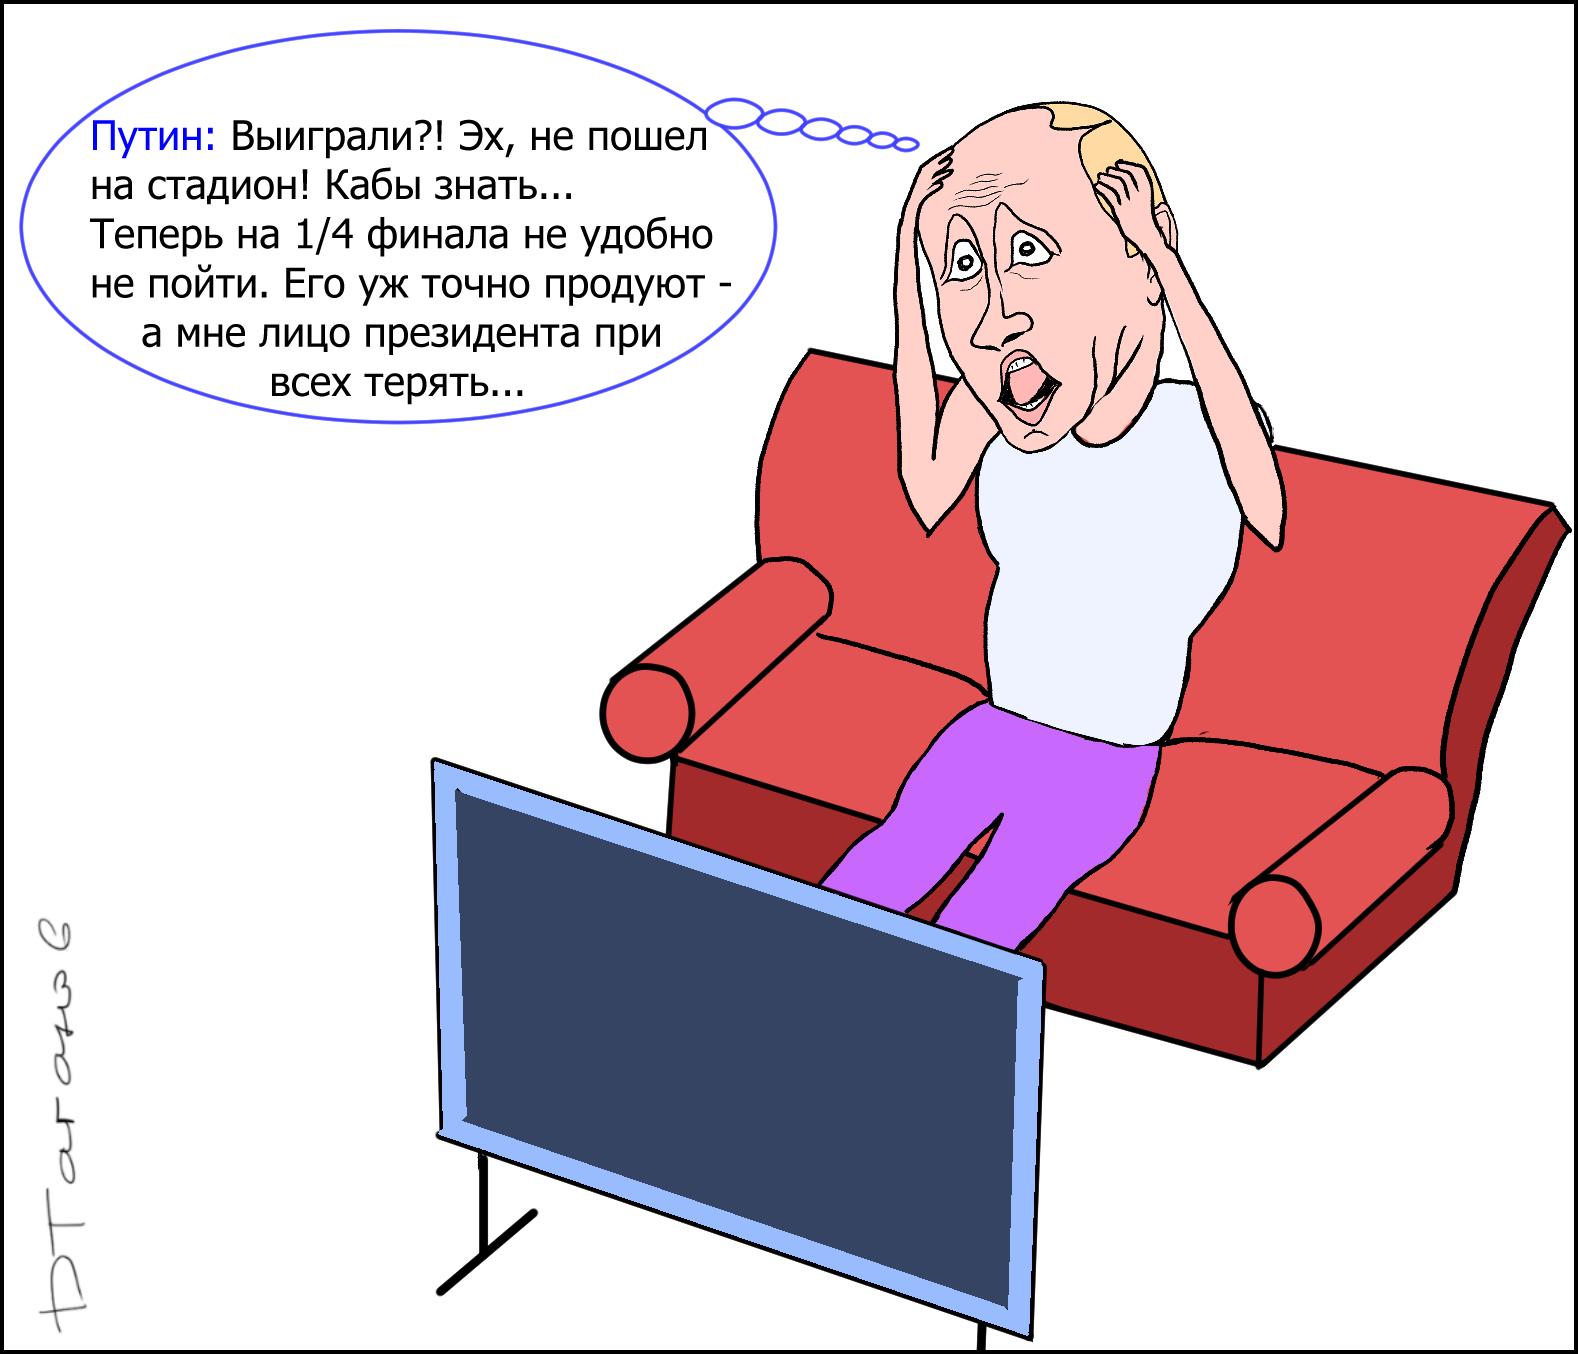 Карикатура.